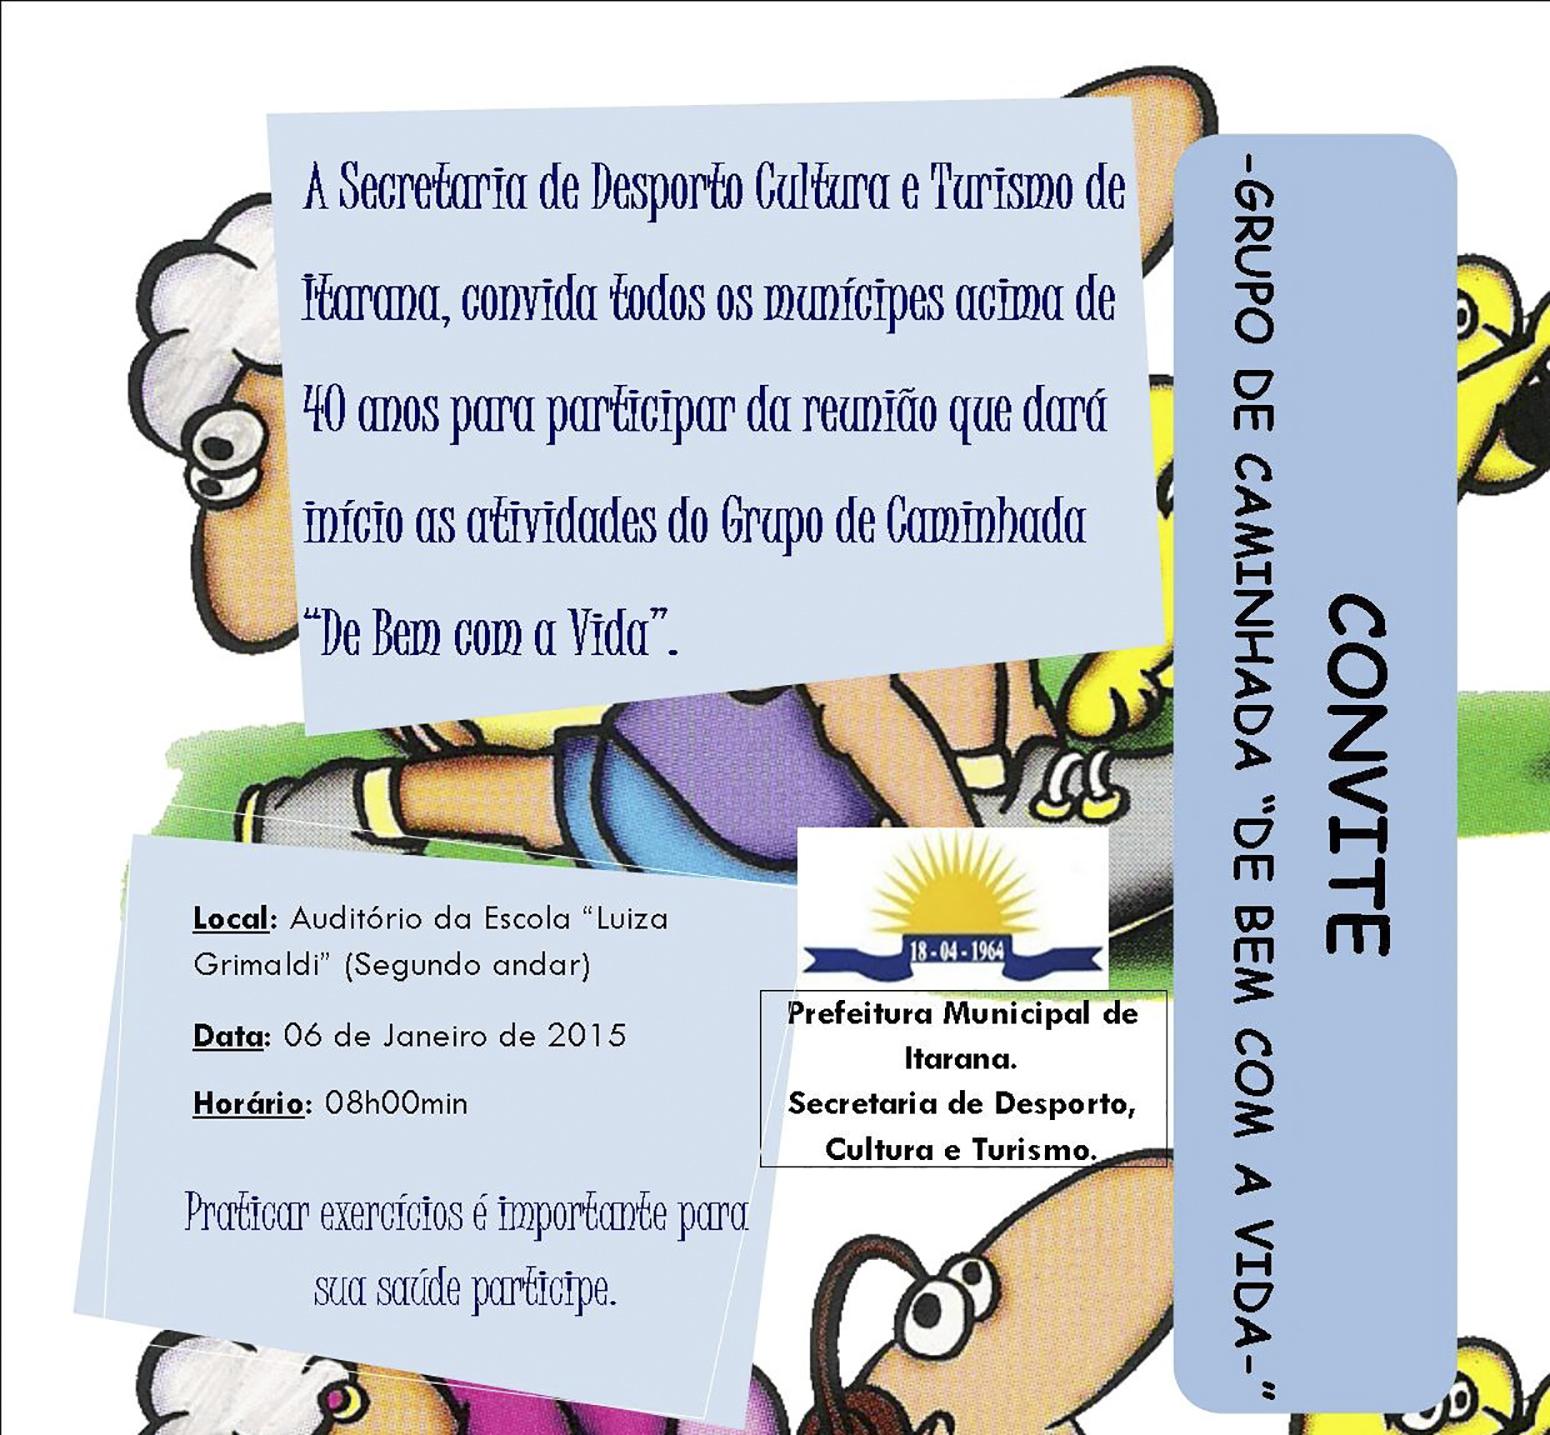 """Convite: Reunião do Grupo de Caminhada """"De Bem com a vida"""""""